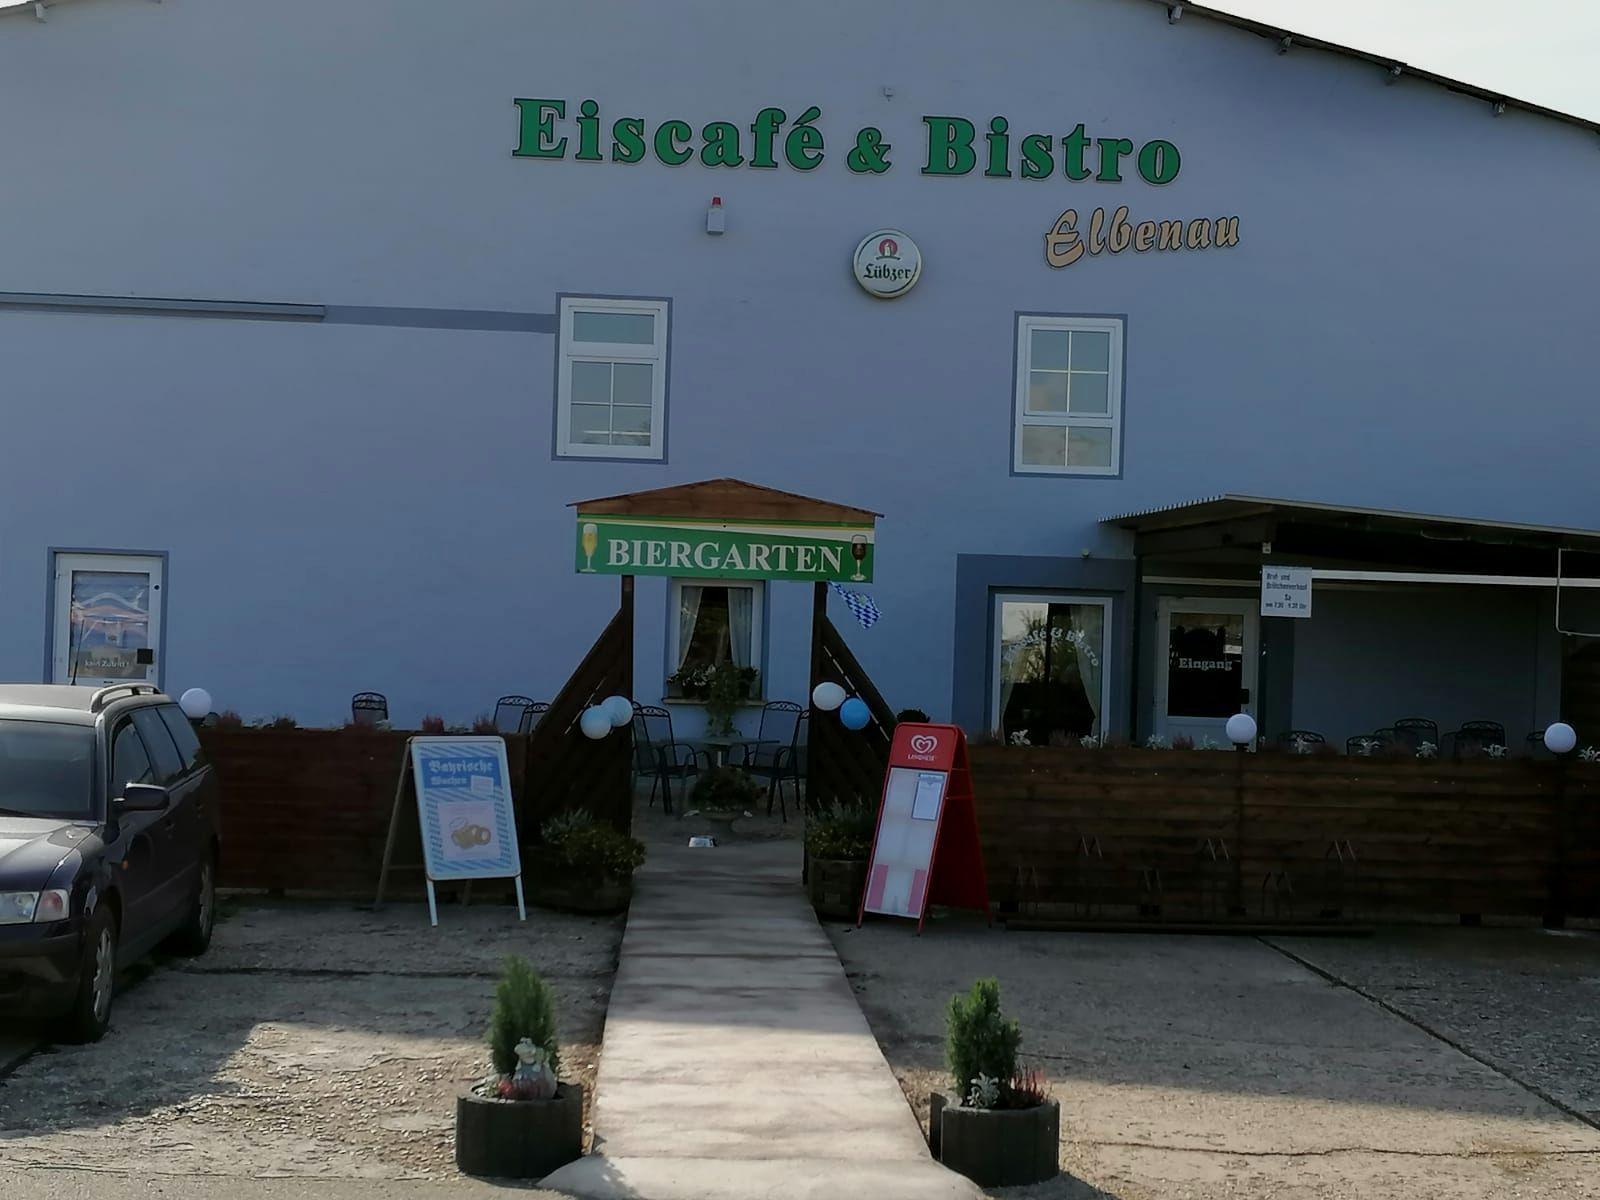 Eiscafé und Bistro Elbenau